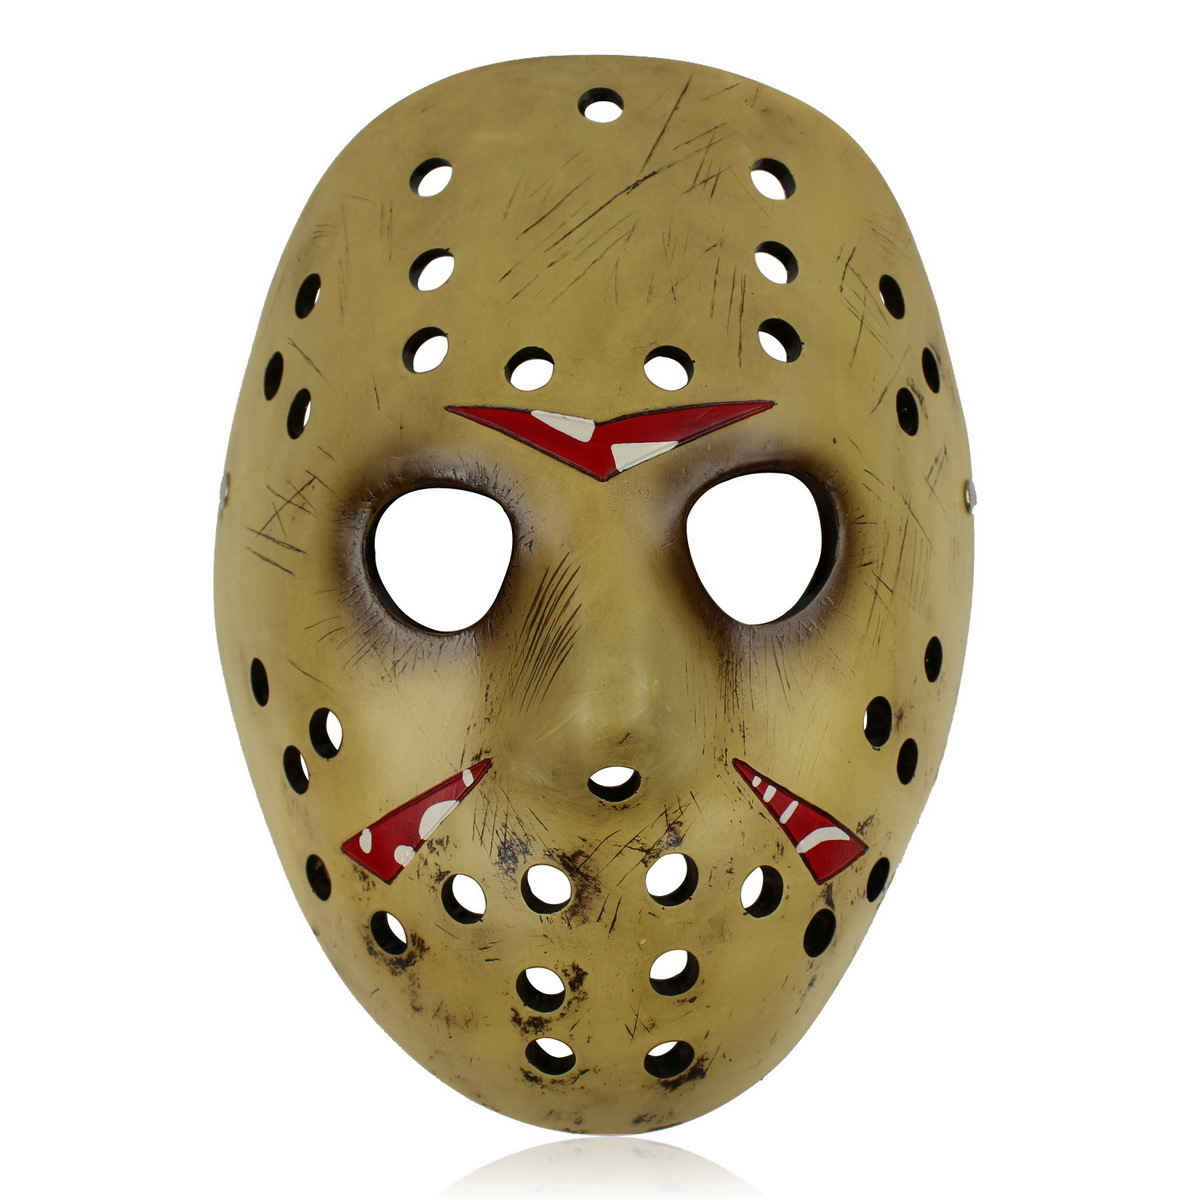 Как сделать своими руками маску джейсона вурхиса